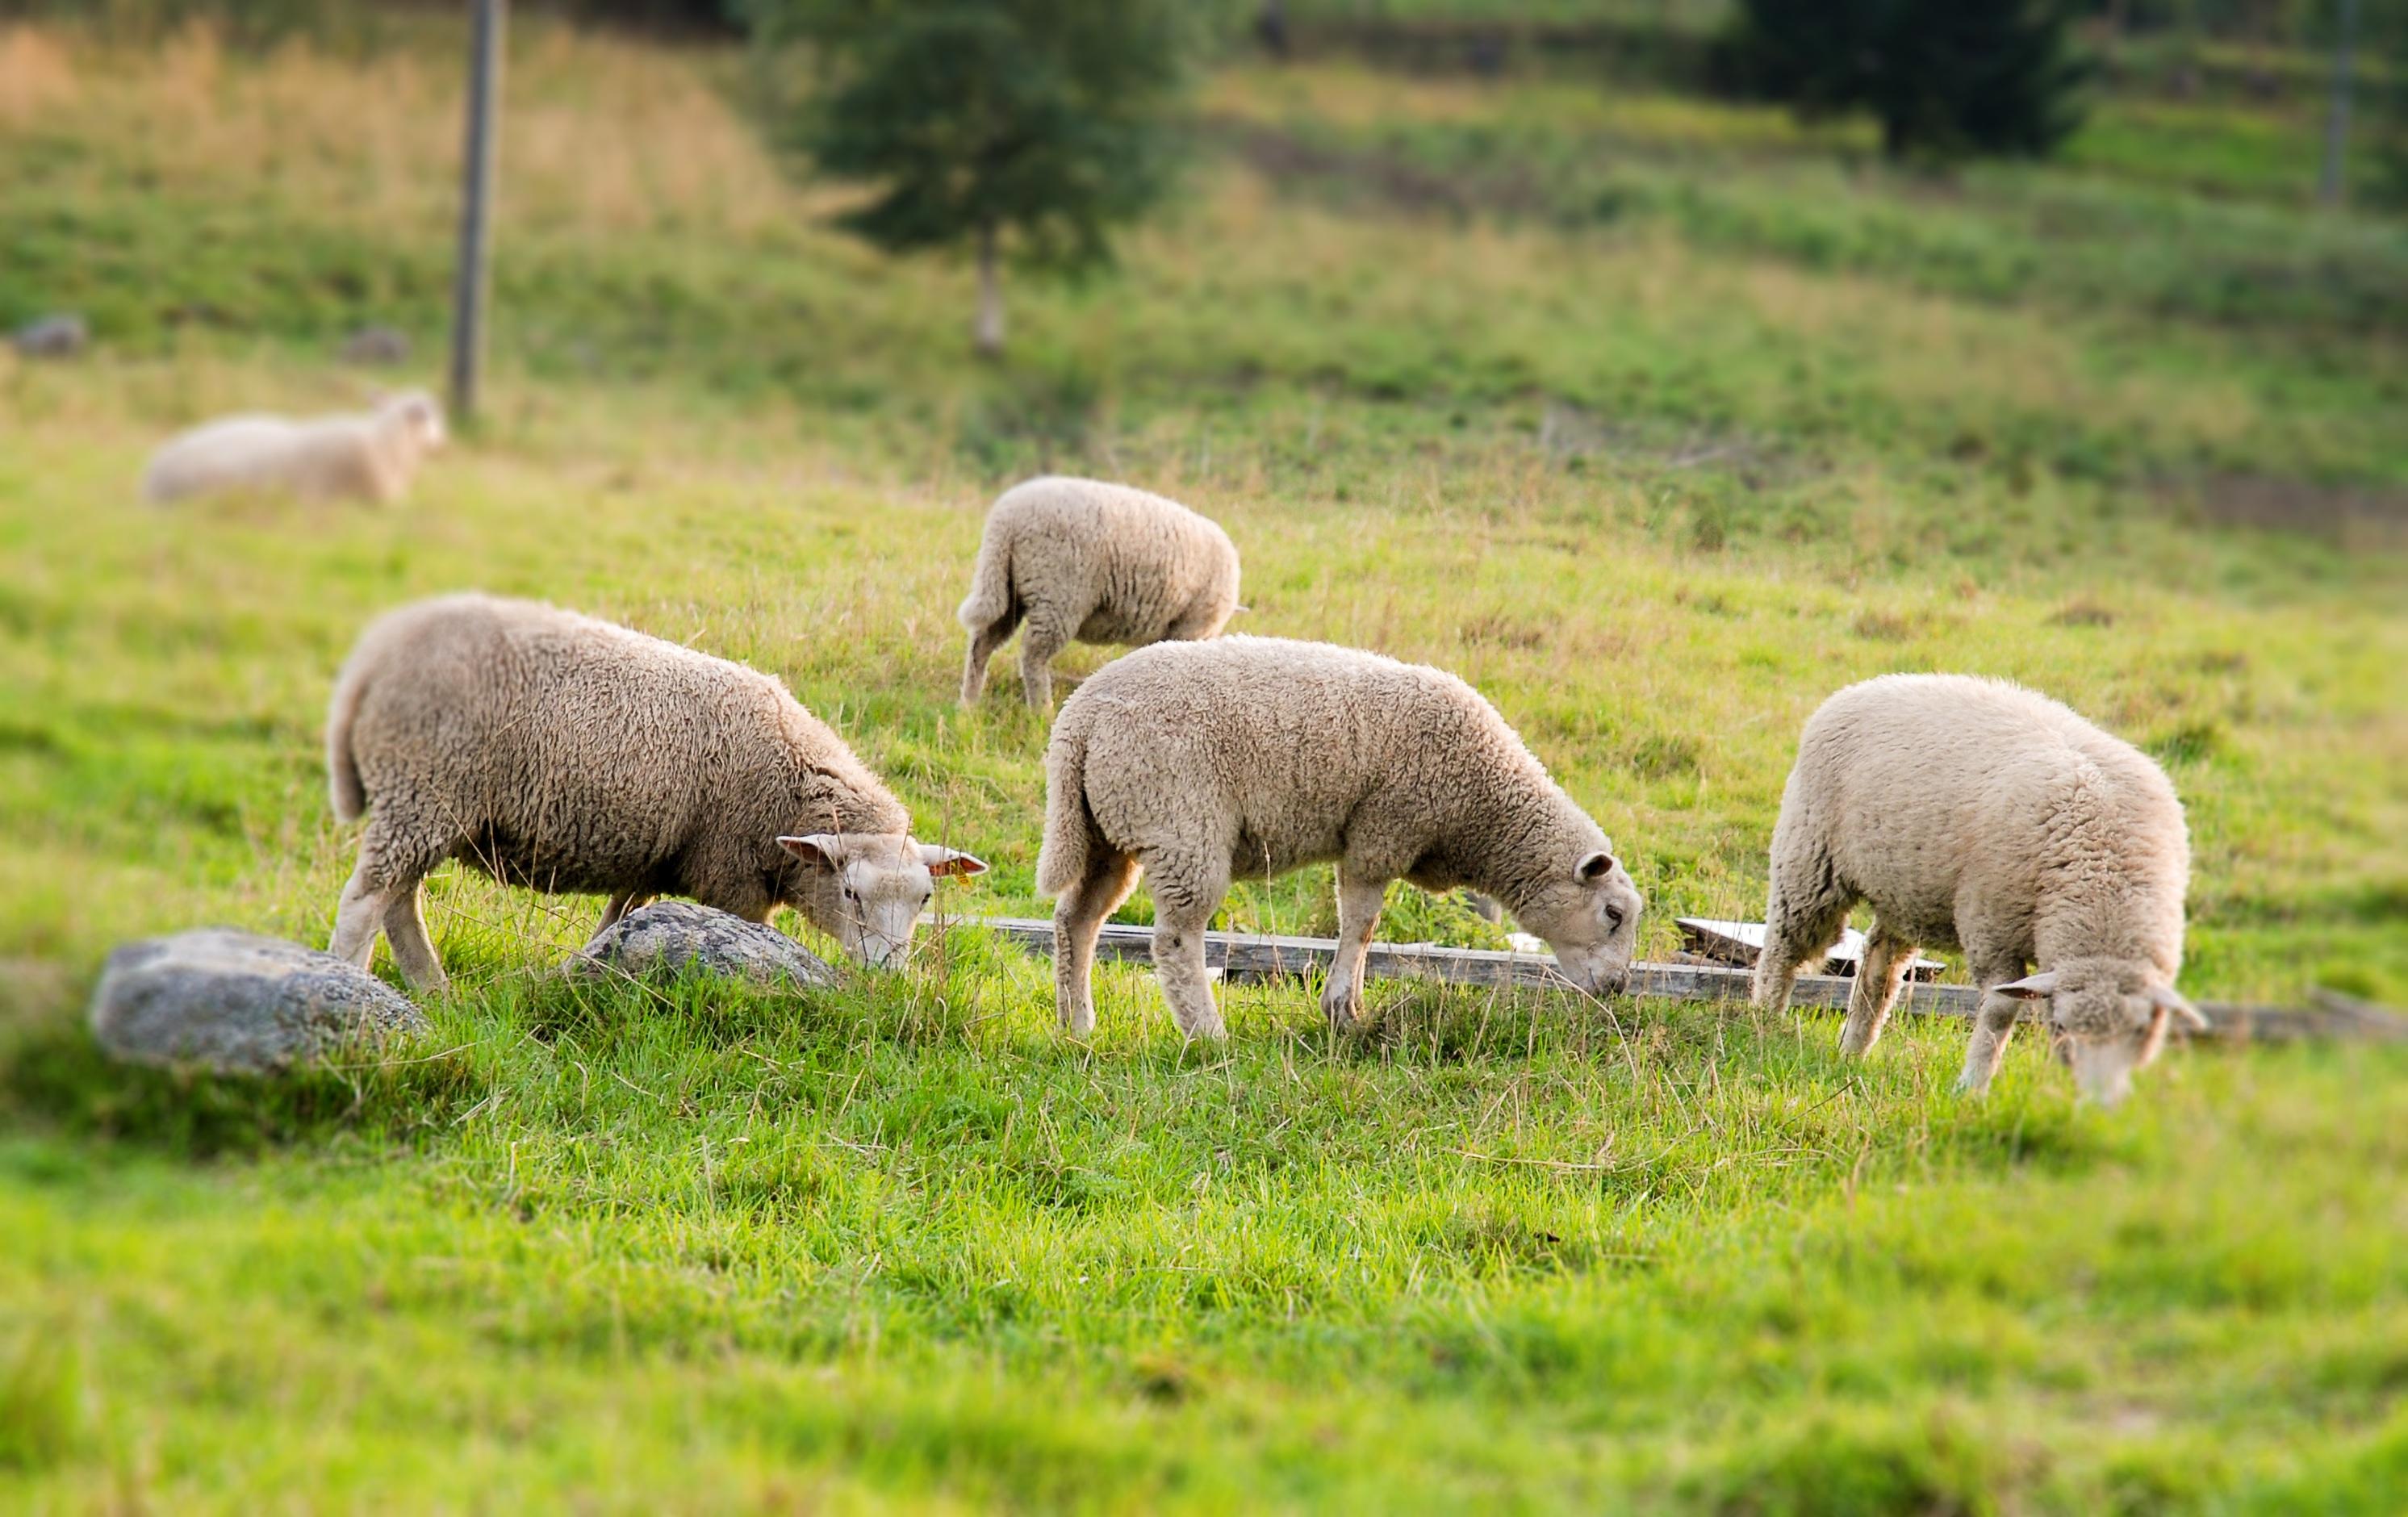 картинки луг с овцами сможем быстро разместить